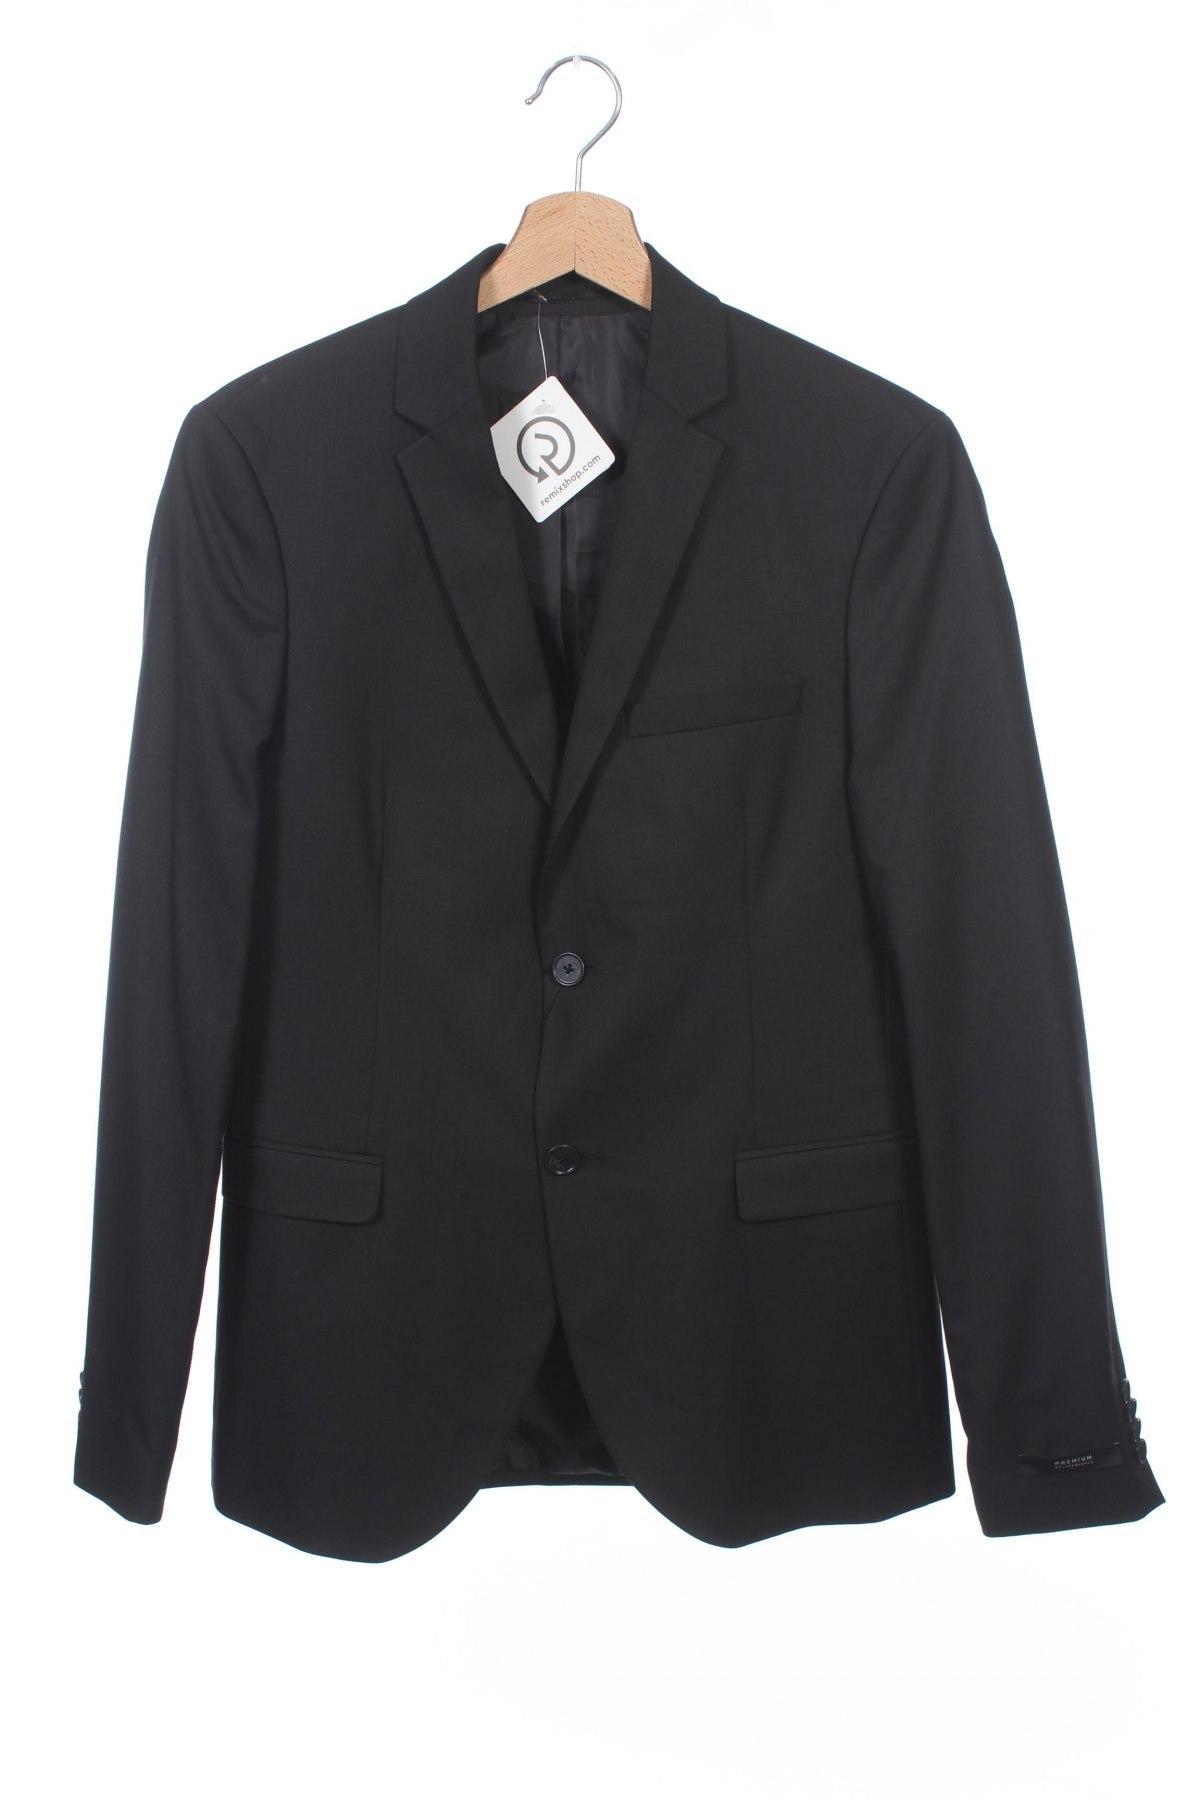 Мъжко сако Jack & Jones, Размер S, Цвят Черен, 56% полиестер, 41% вискоза, 3% еластан, Цена 96,20лв.